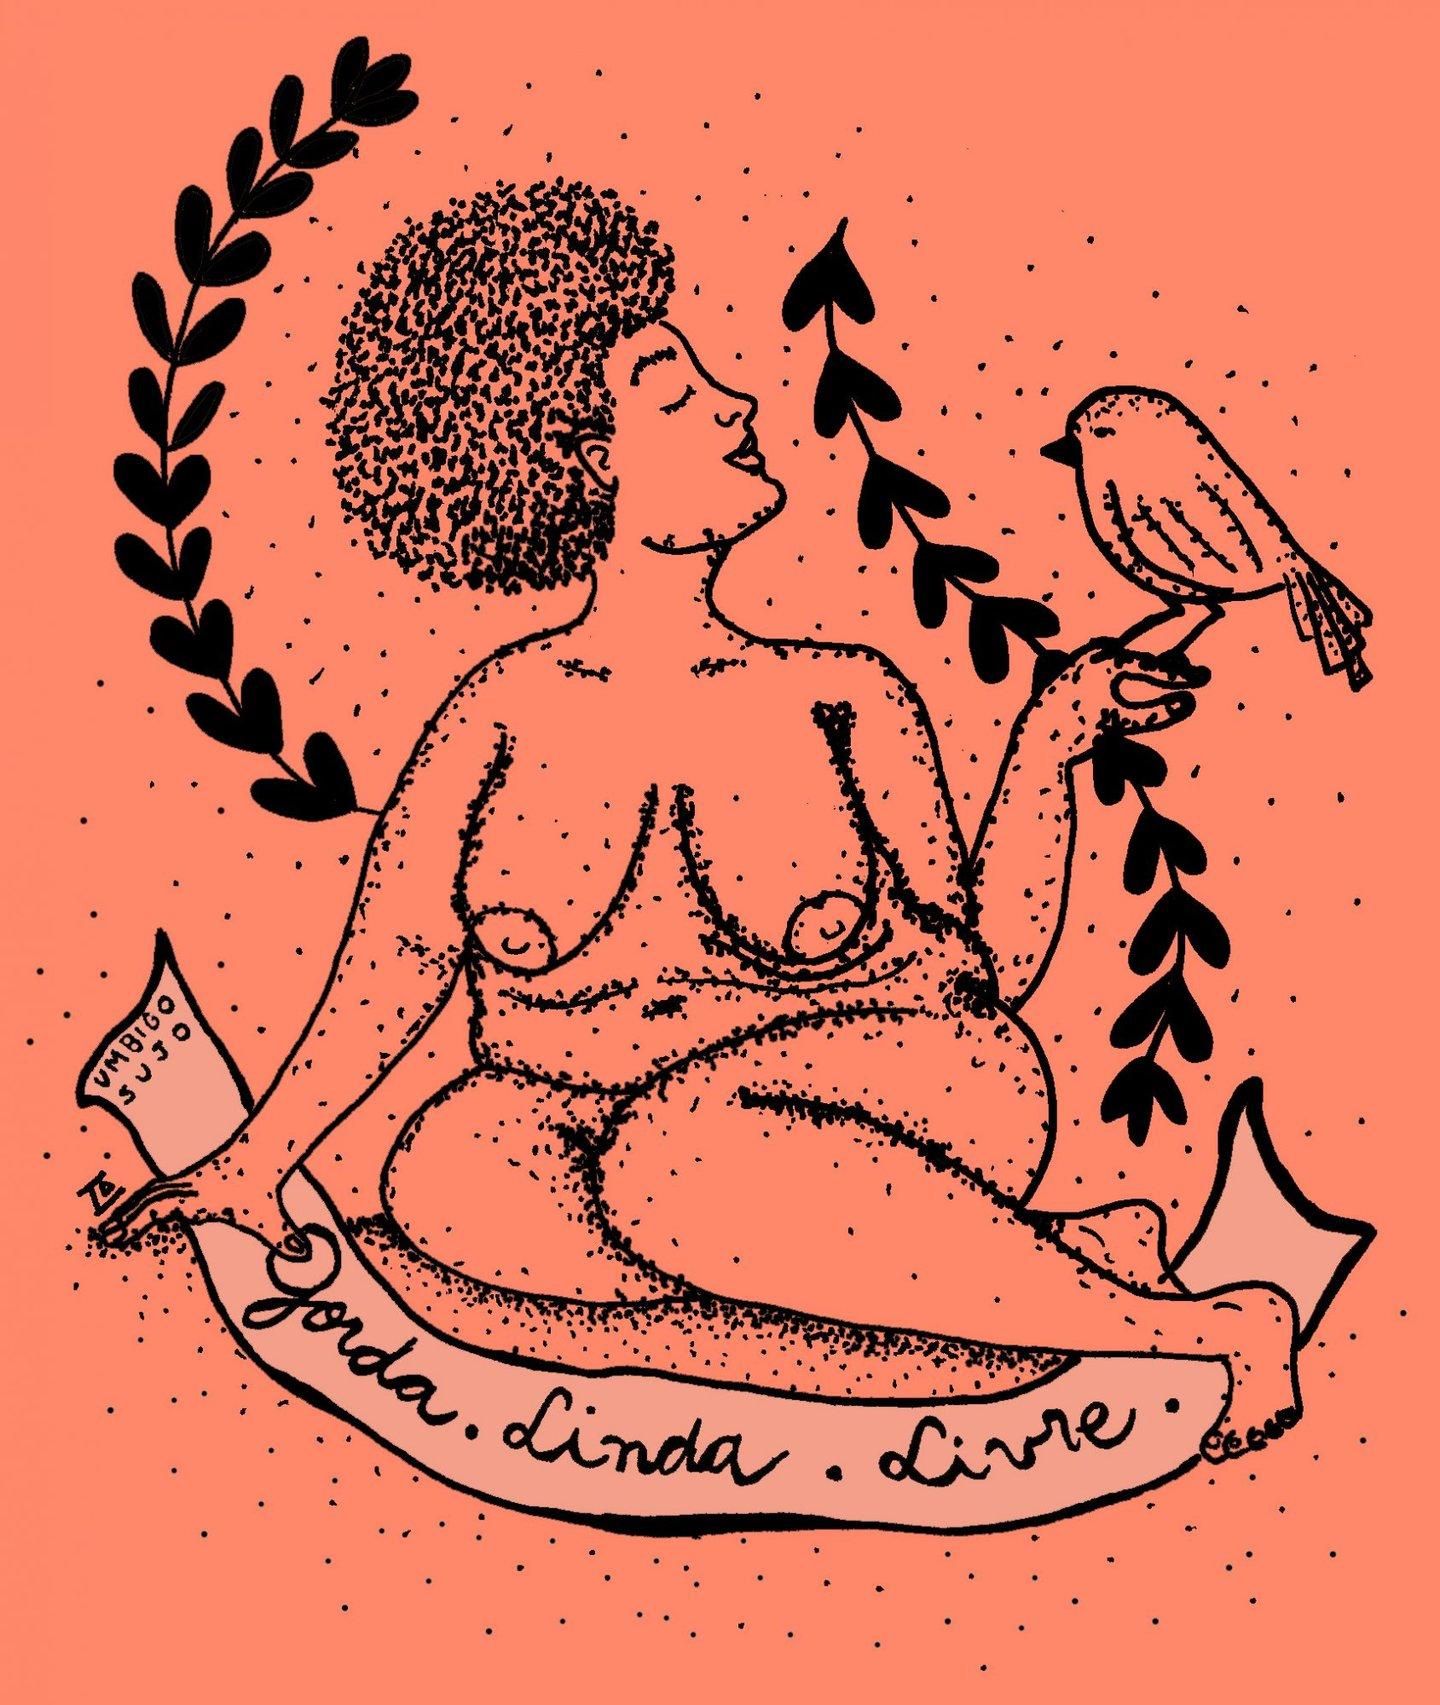 Ilustração de Giovana Pinhata para o blogue Gorda&Sapatão